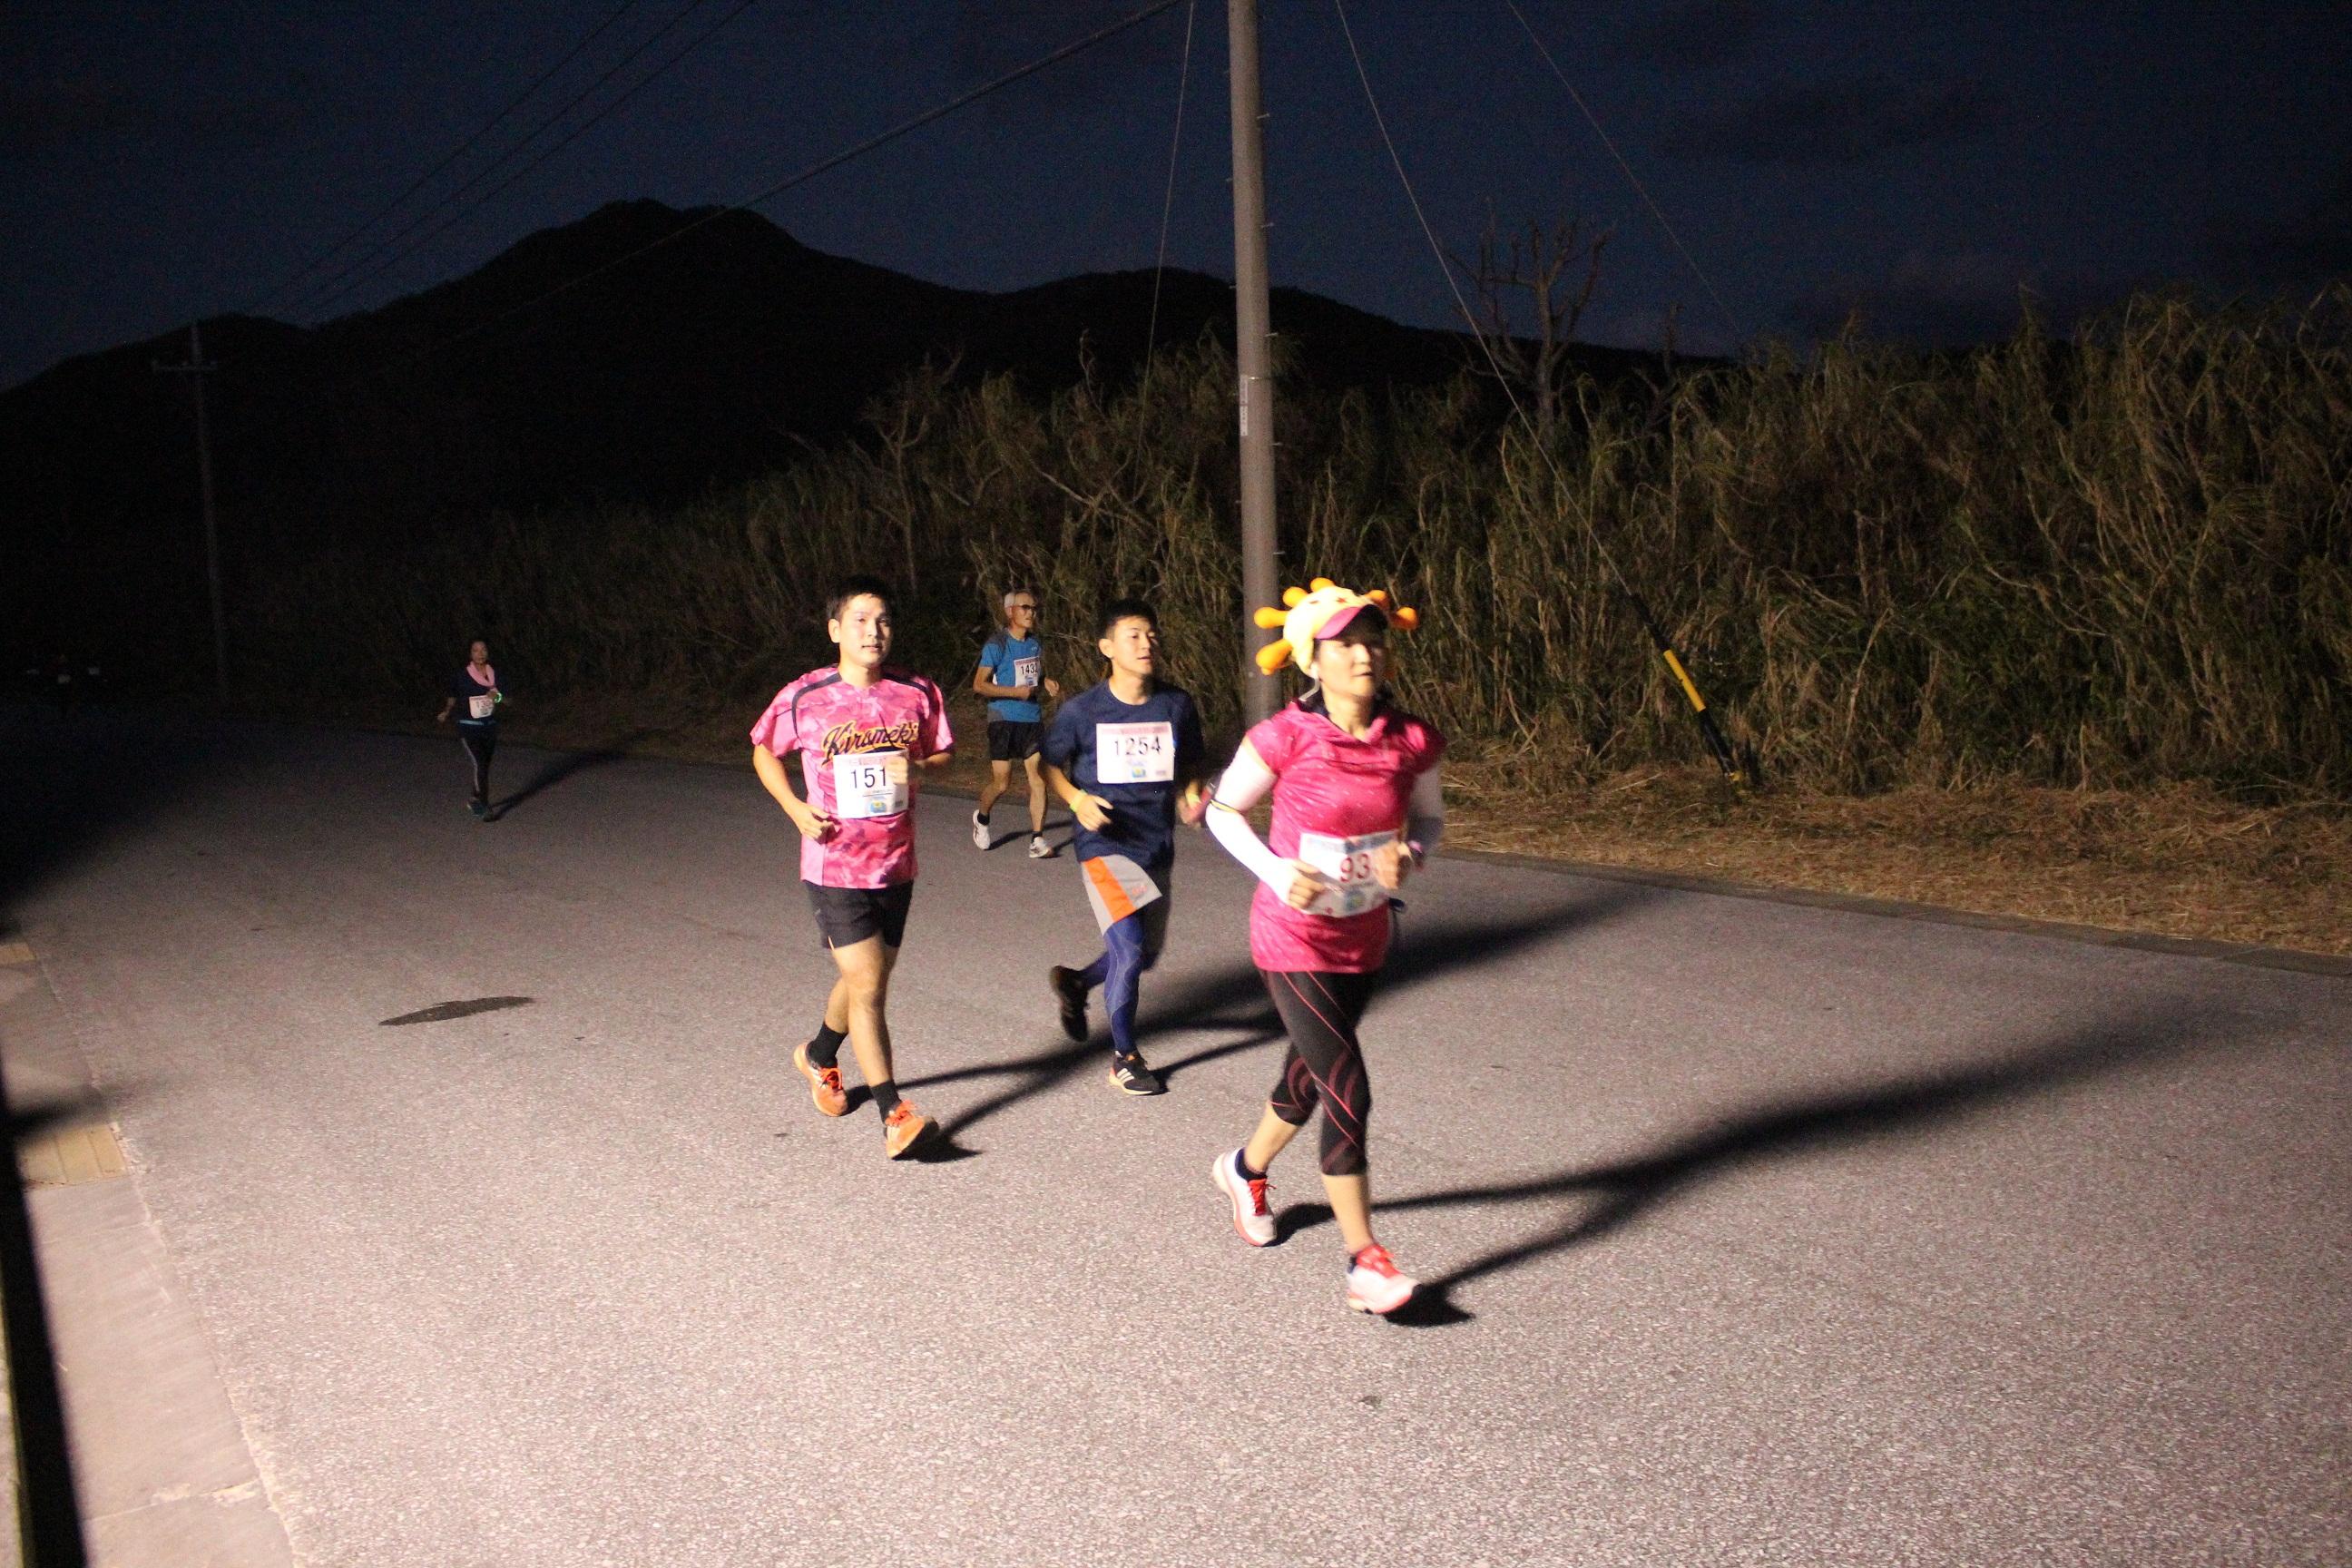 伊平屋ムーンライトマラソンのナイトマラソン